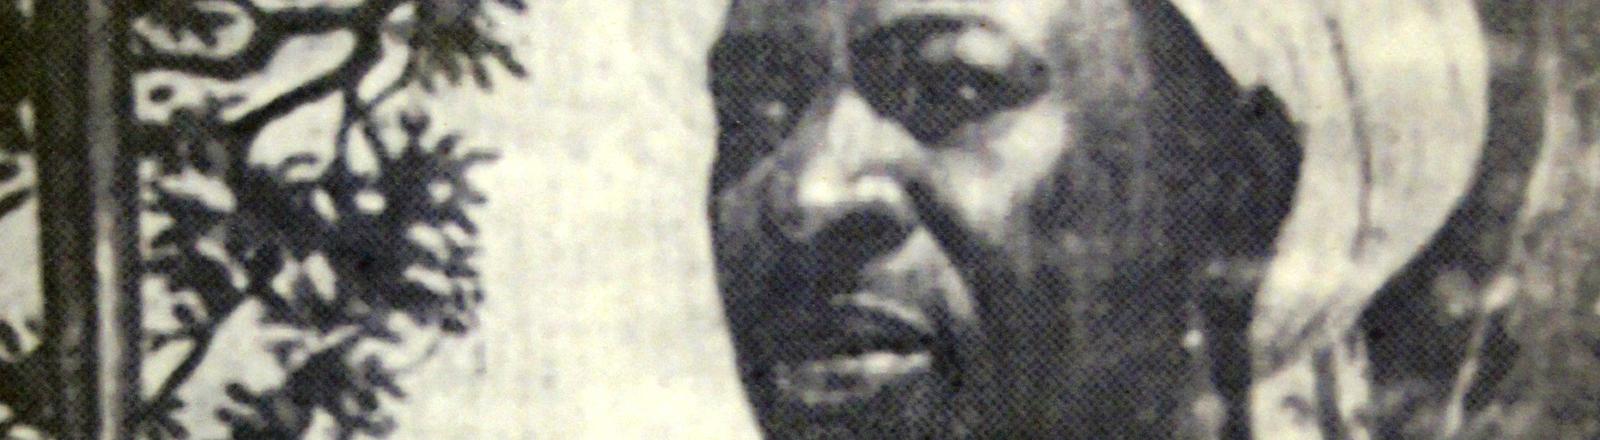 Foto des Häuptlings Mkwawa im Nationalmuseum von Daressalam